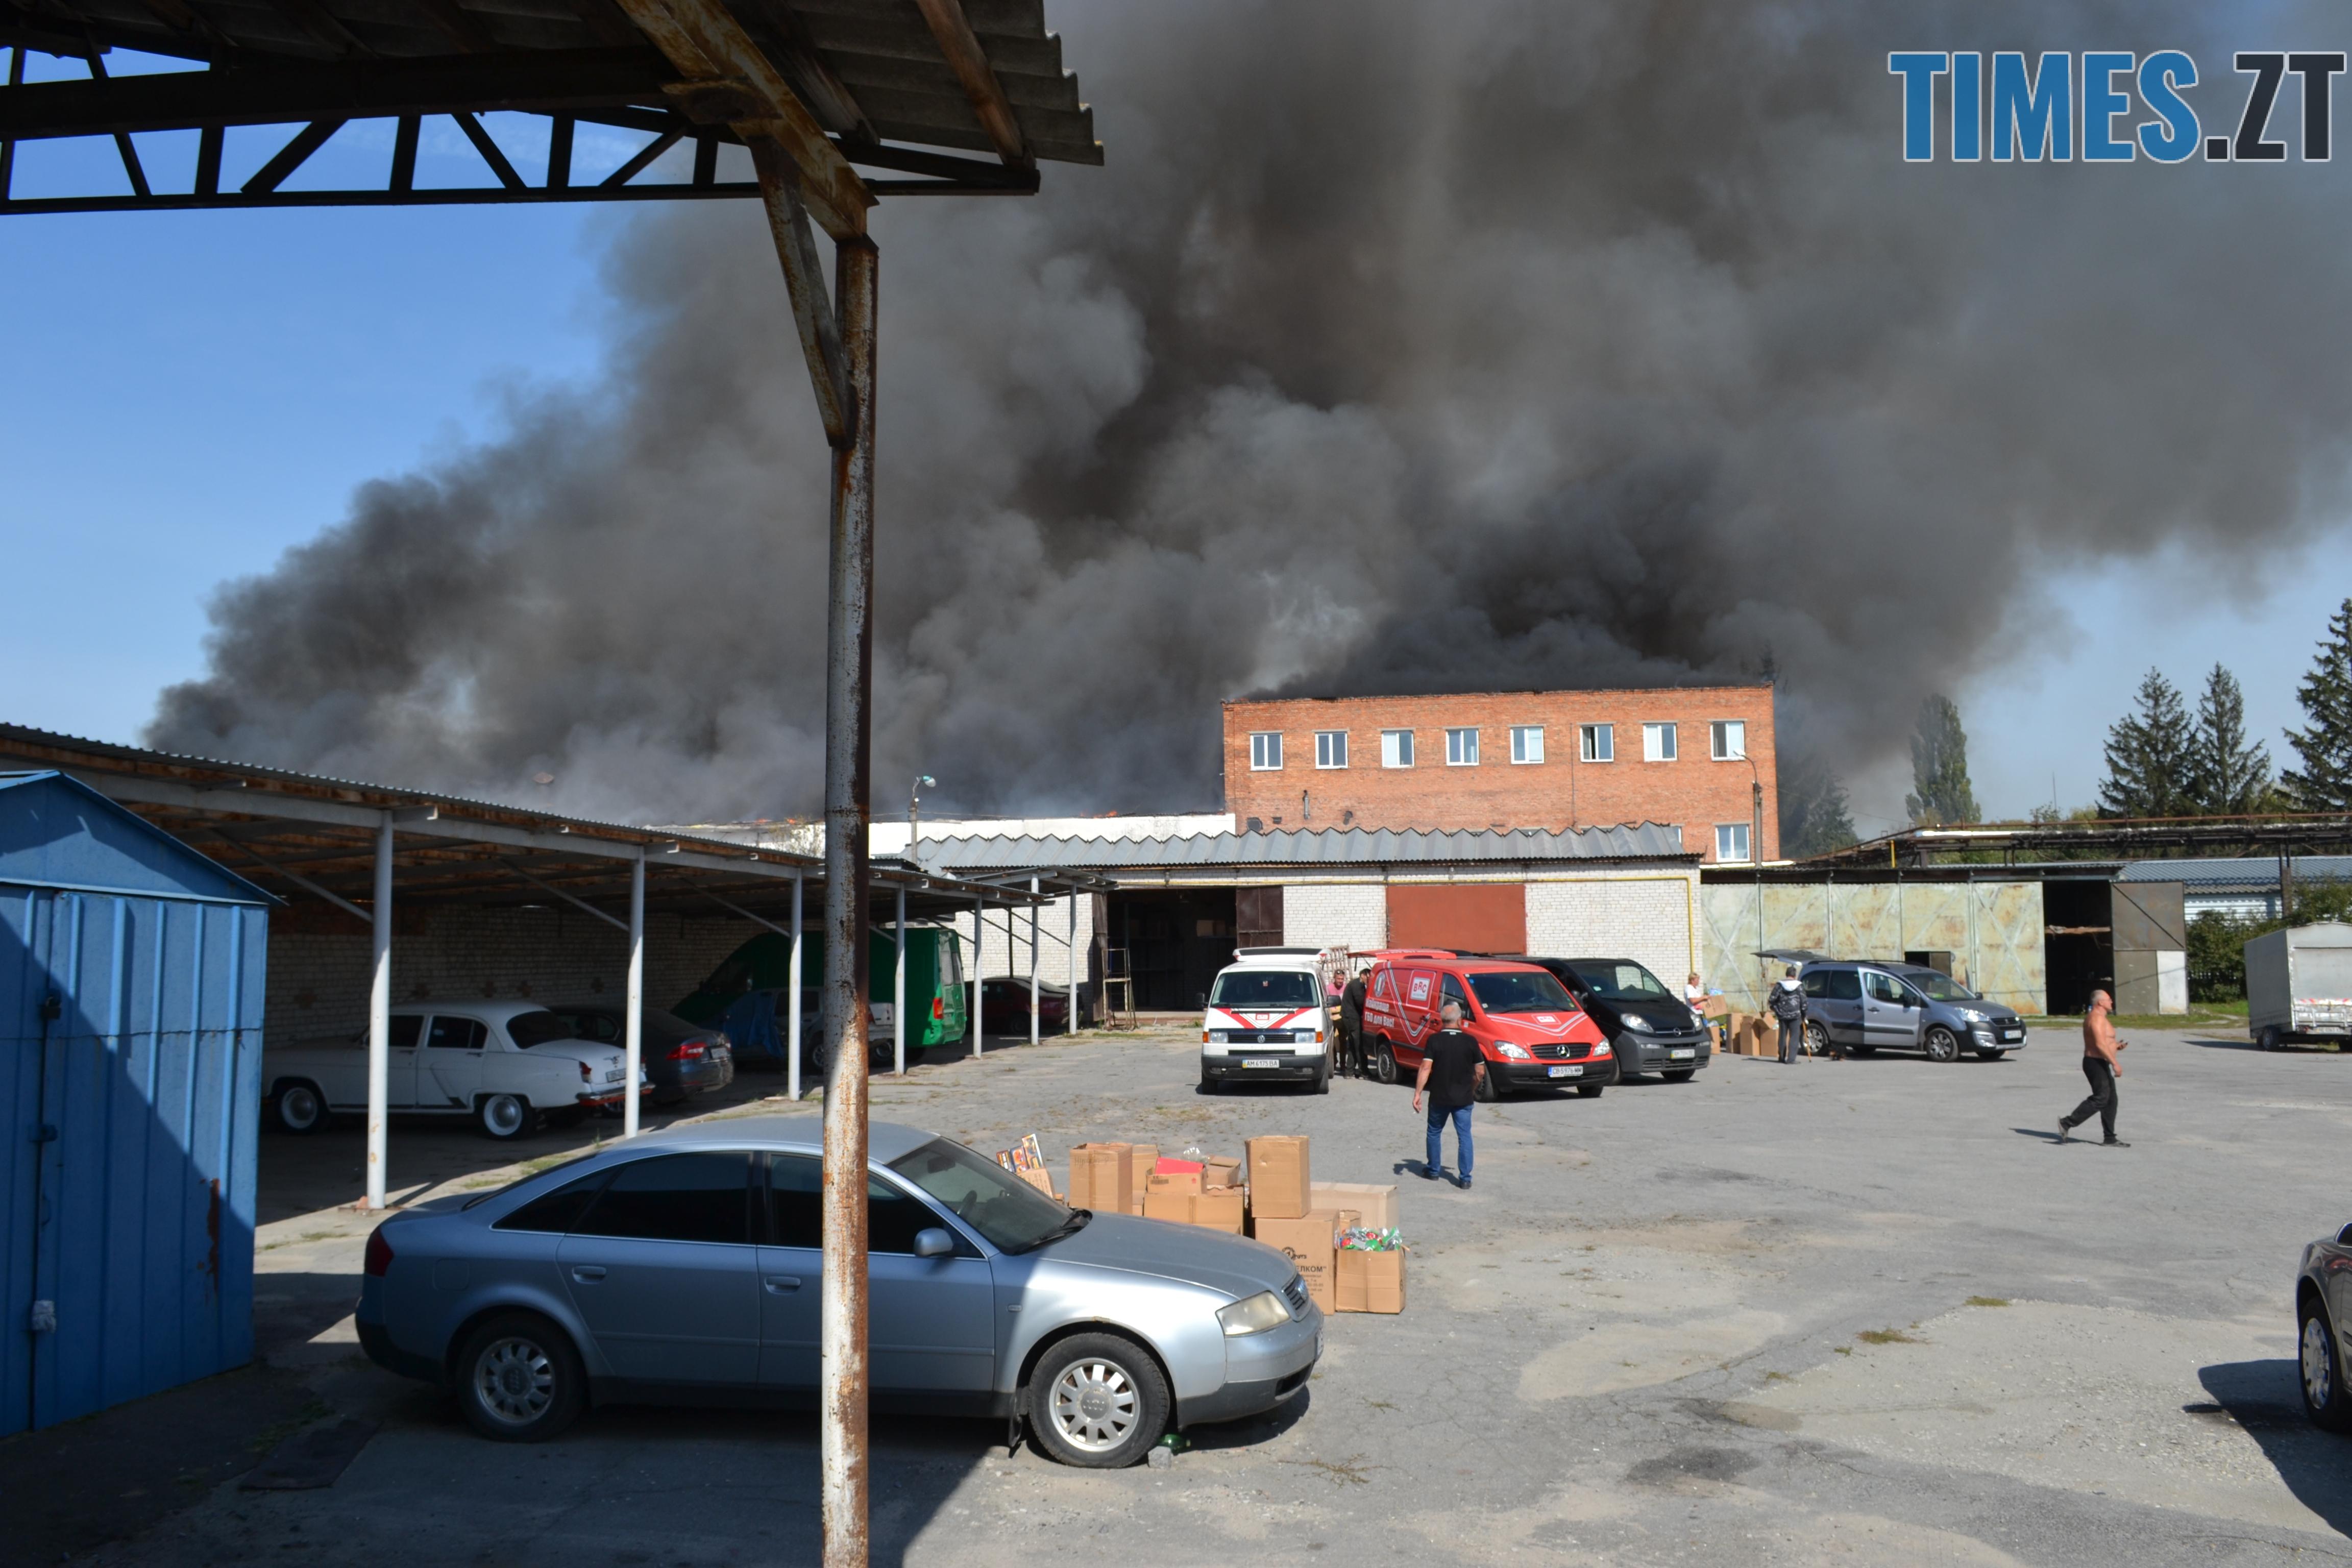 DSC 2894 - Вогонь перекинувся на адмінбудівлю Картонного комбінату: пожежу гасять 11 автомобілів та 63 пожежники (ФОТО, ВІДЕО)